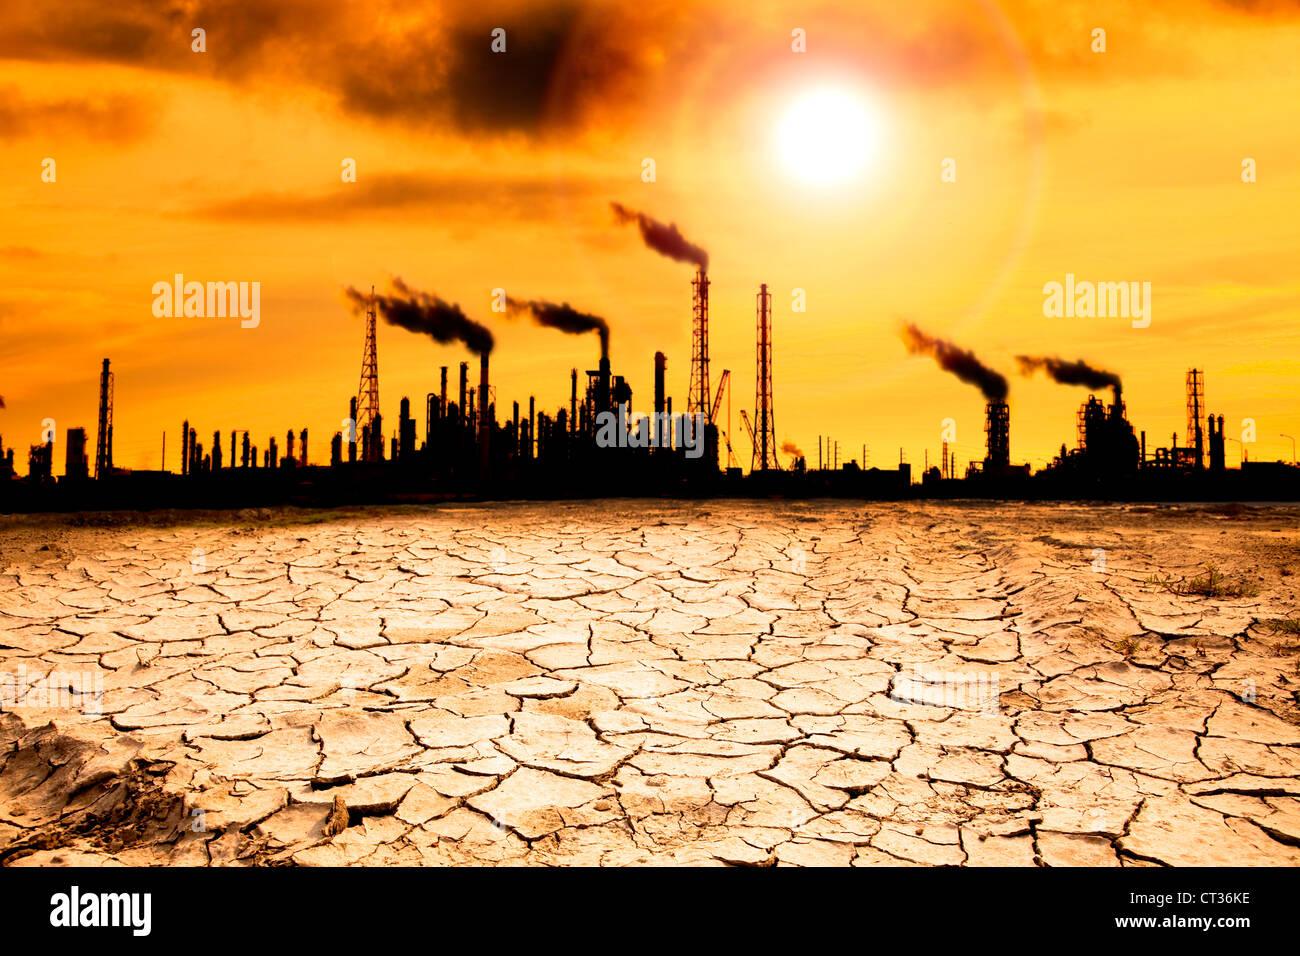 Avec de la fumée de la raffinerie et le réchauffement de la notion Photo Stock